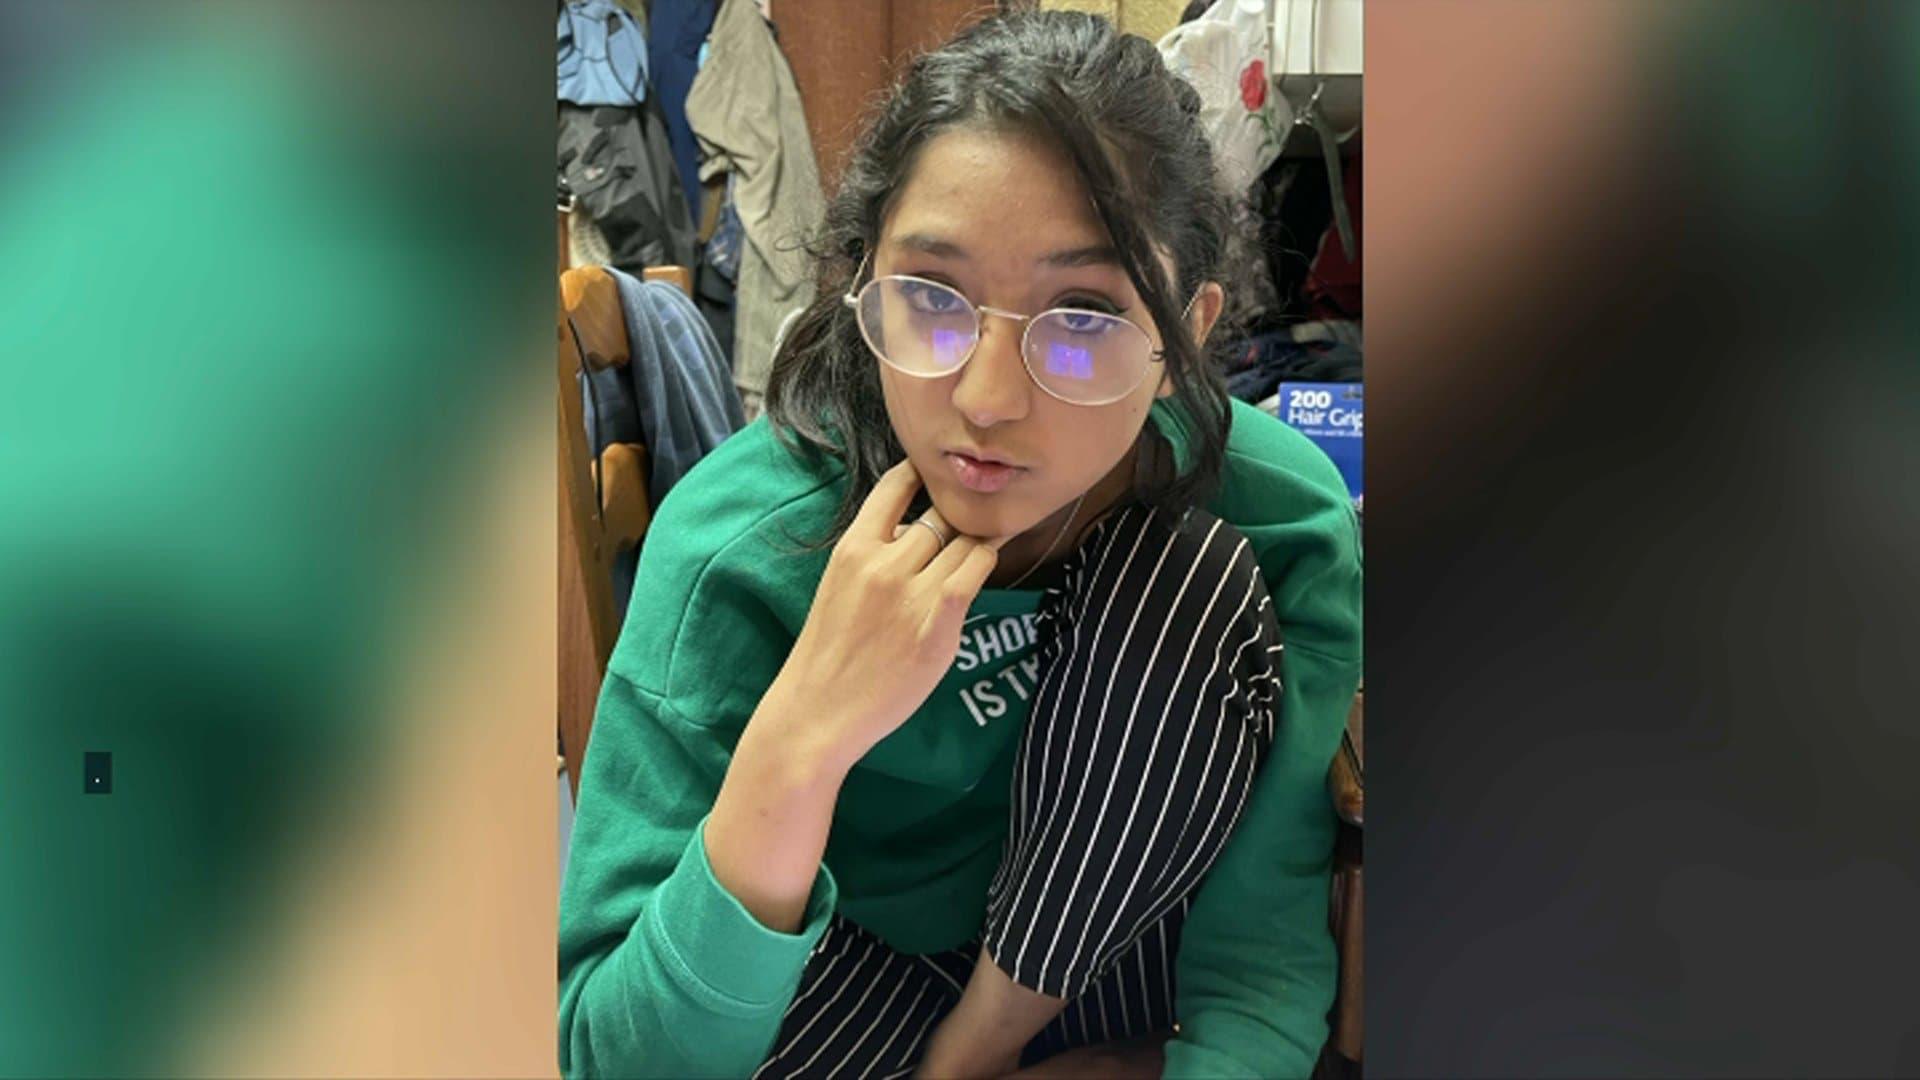 Décès d'Alisha : harcèlement et rivalité amoureuse, les premières pistes des enquêteurs